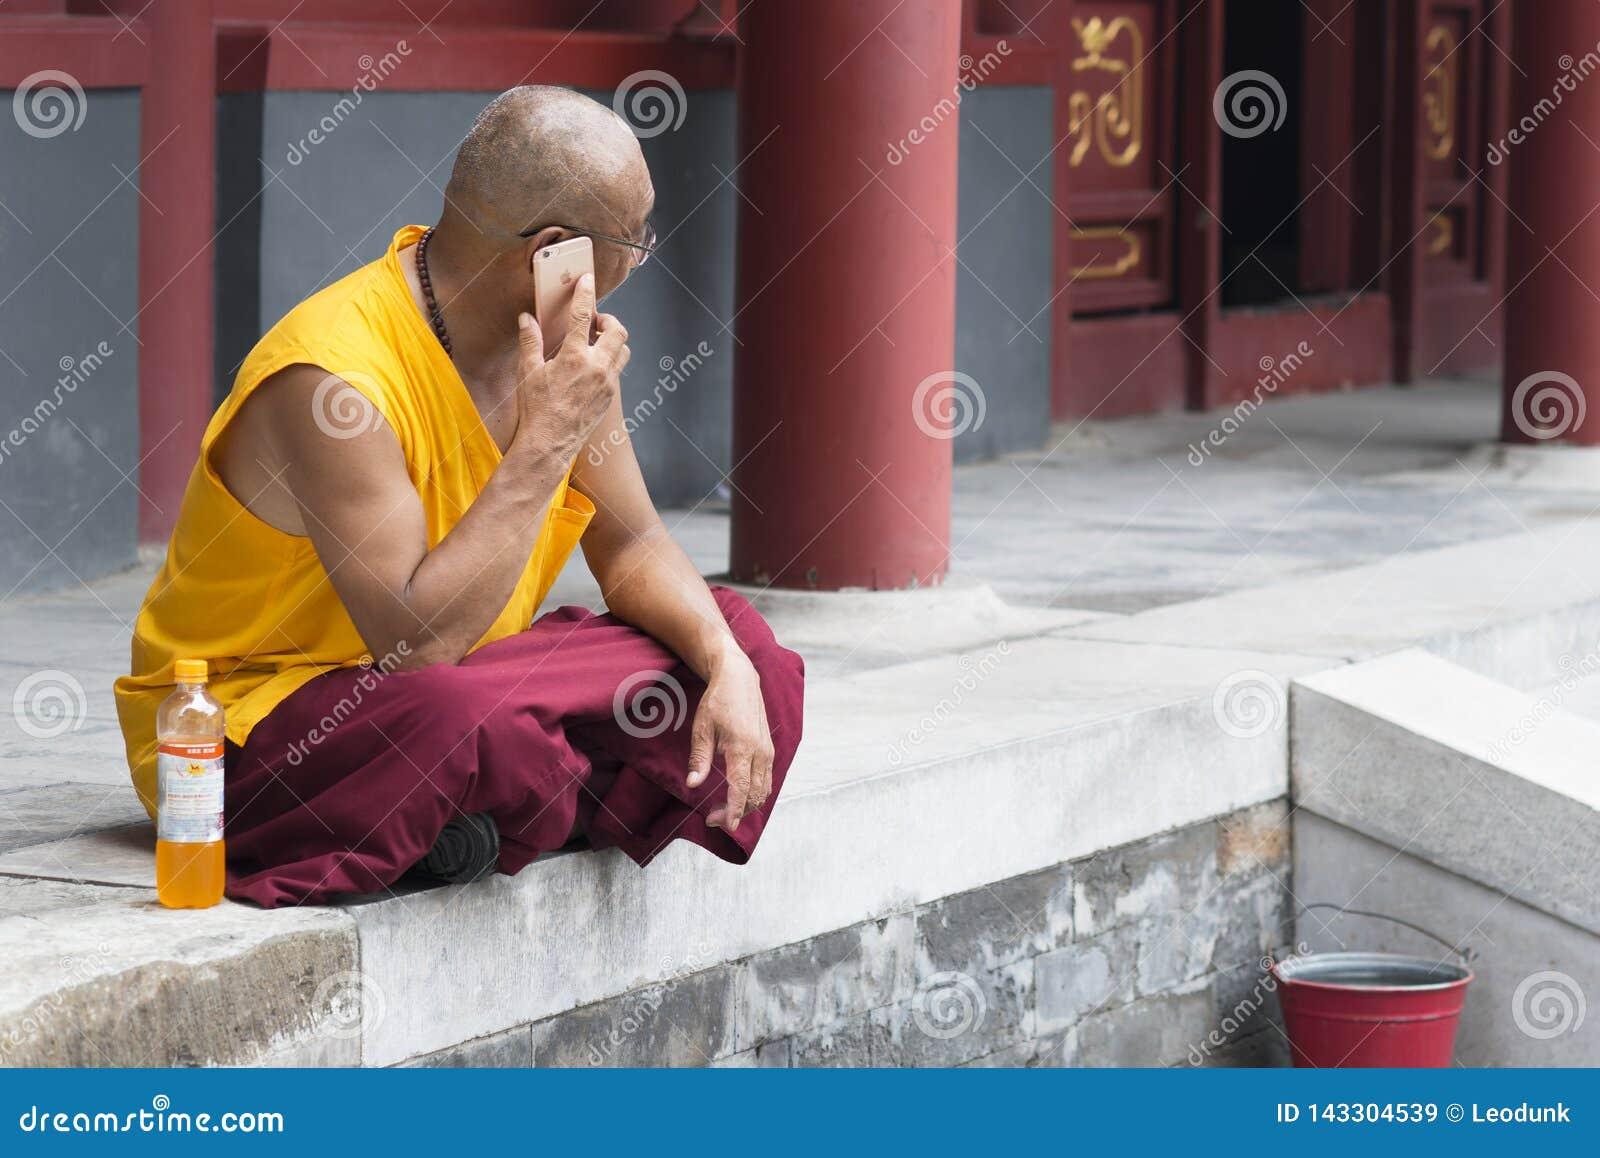 Pekin, Chiny - 08 01 2016: Azjatykci mnich buddyjski opowiada na telefonie przed świątynią w Pekin, Chiny